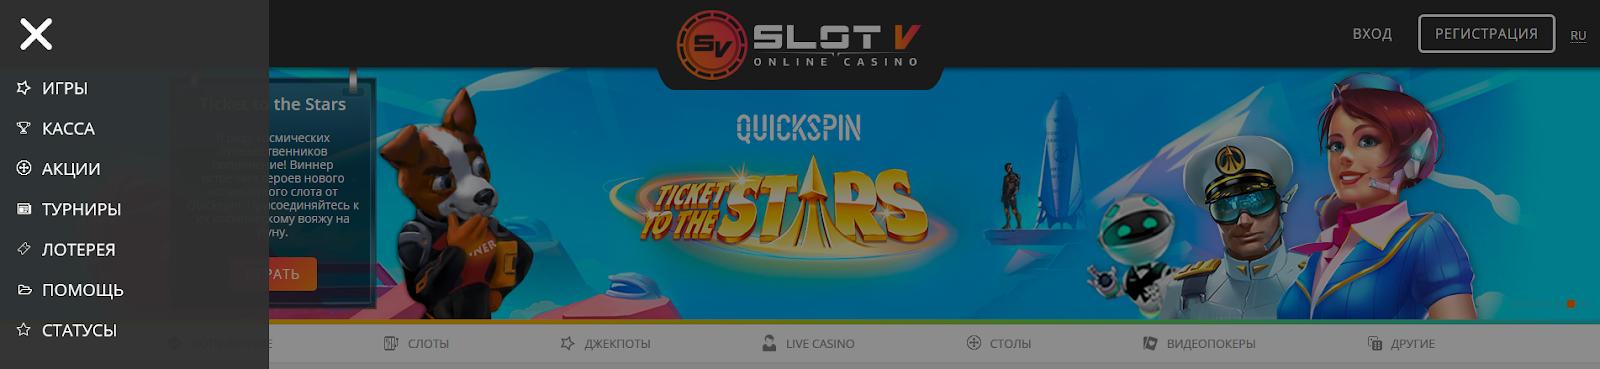 Меню на сайте Slot V